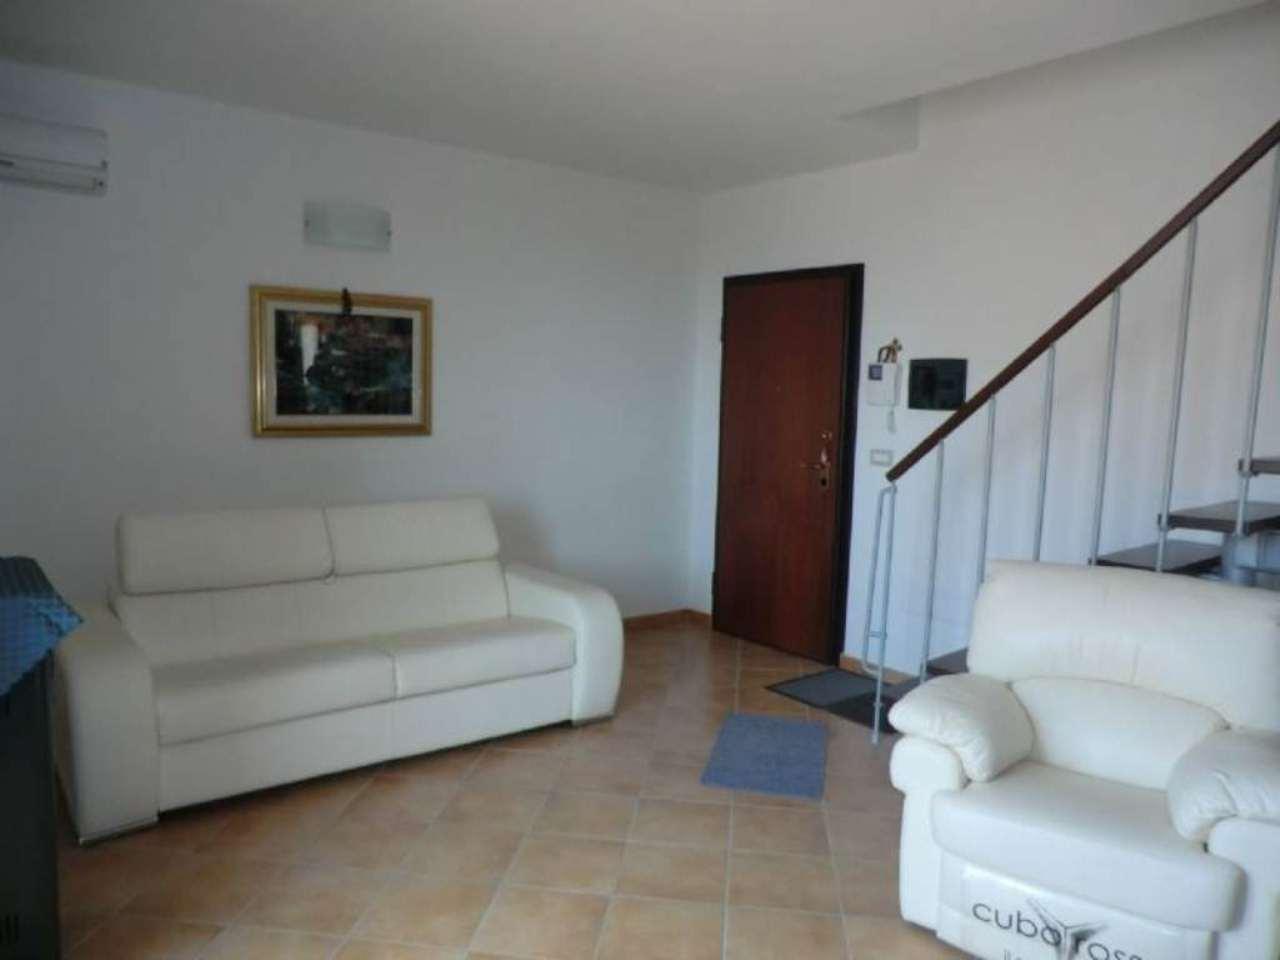 Appartamento in vendita a Ossi, 5 locali, prezzo € 148.000 | Cambio Casa.it